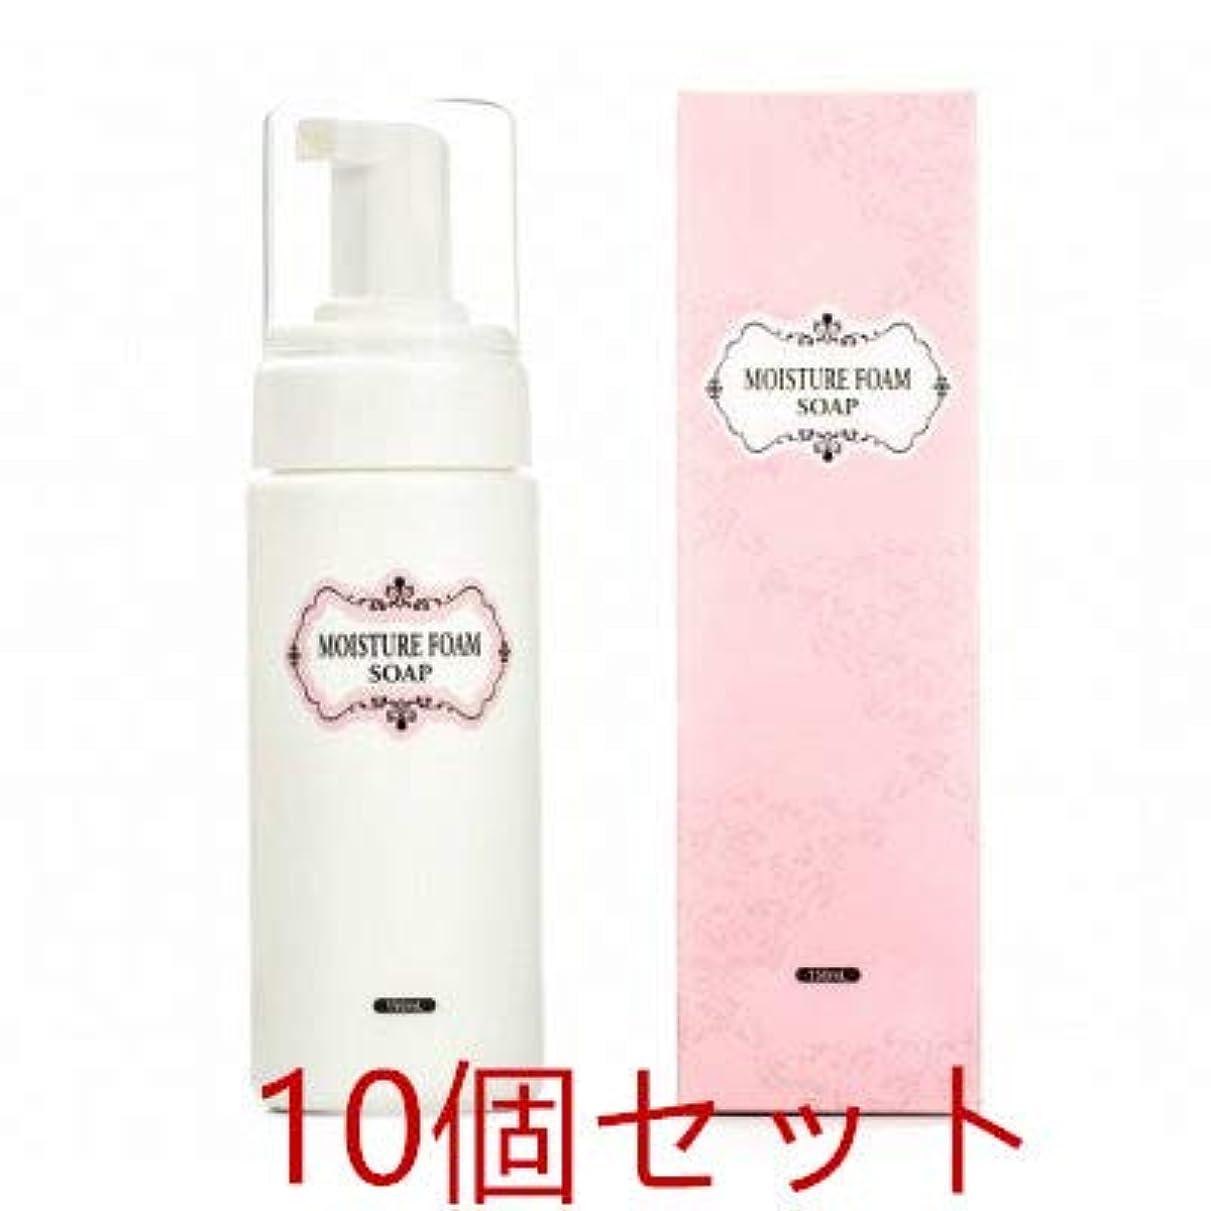 精巧な多数のホステルMOISTURE FOAM SOAP(モイスチャーフォームソープ) 150ml10個セット